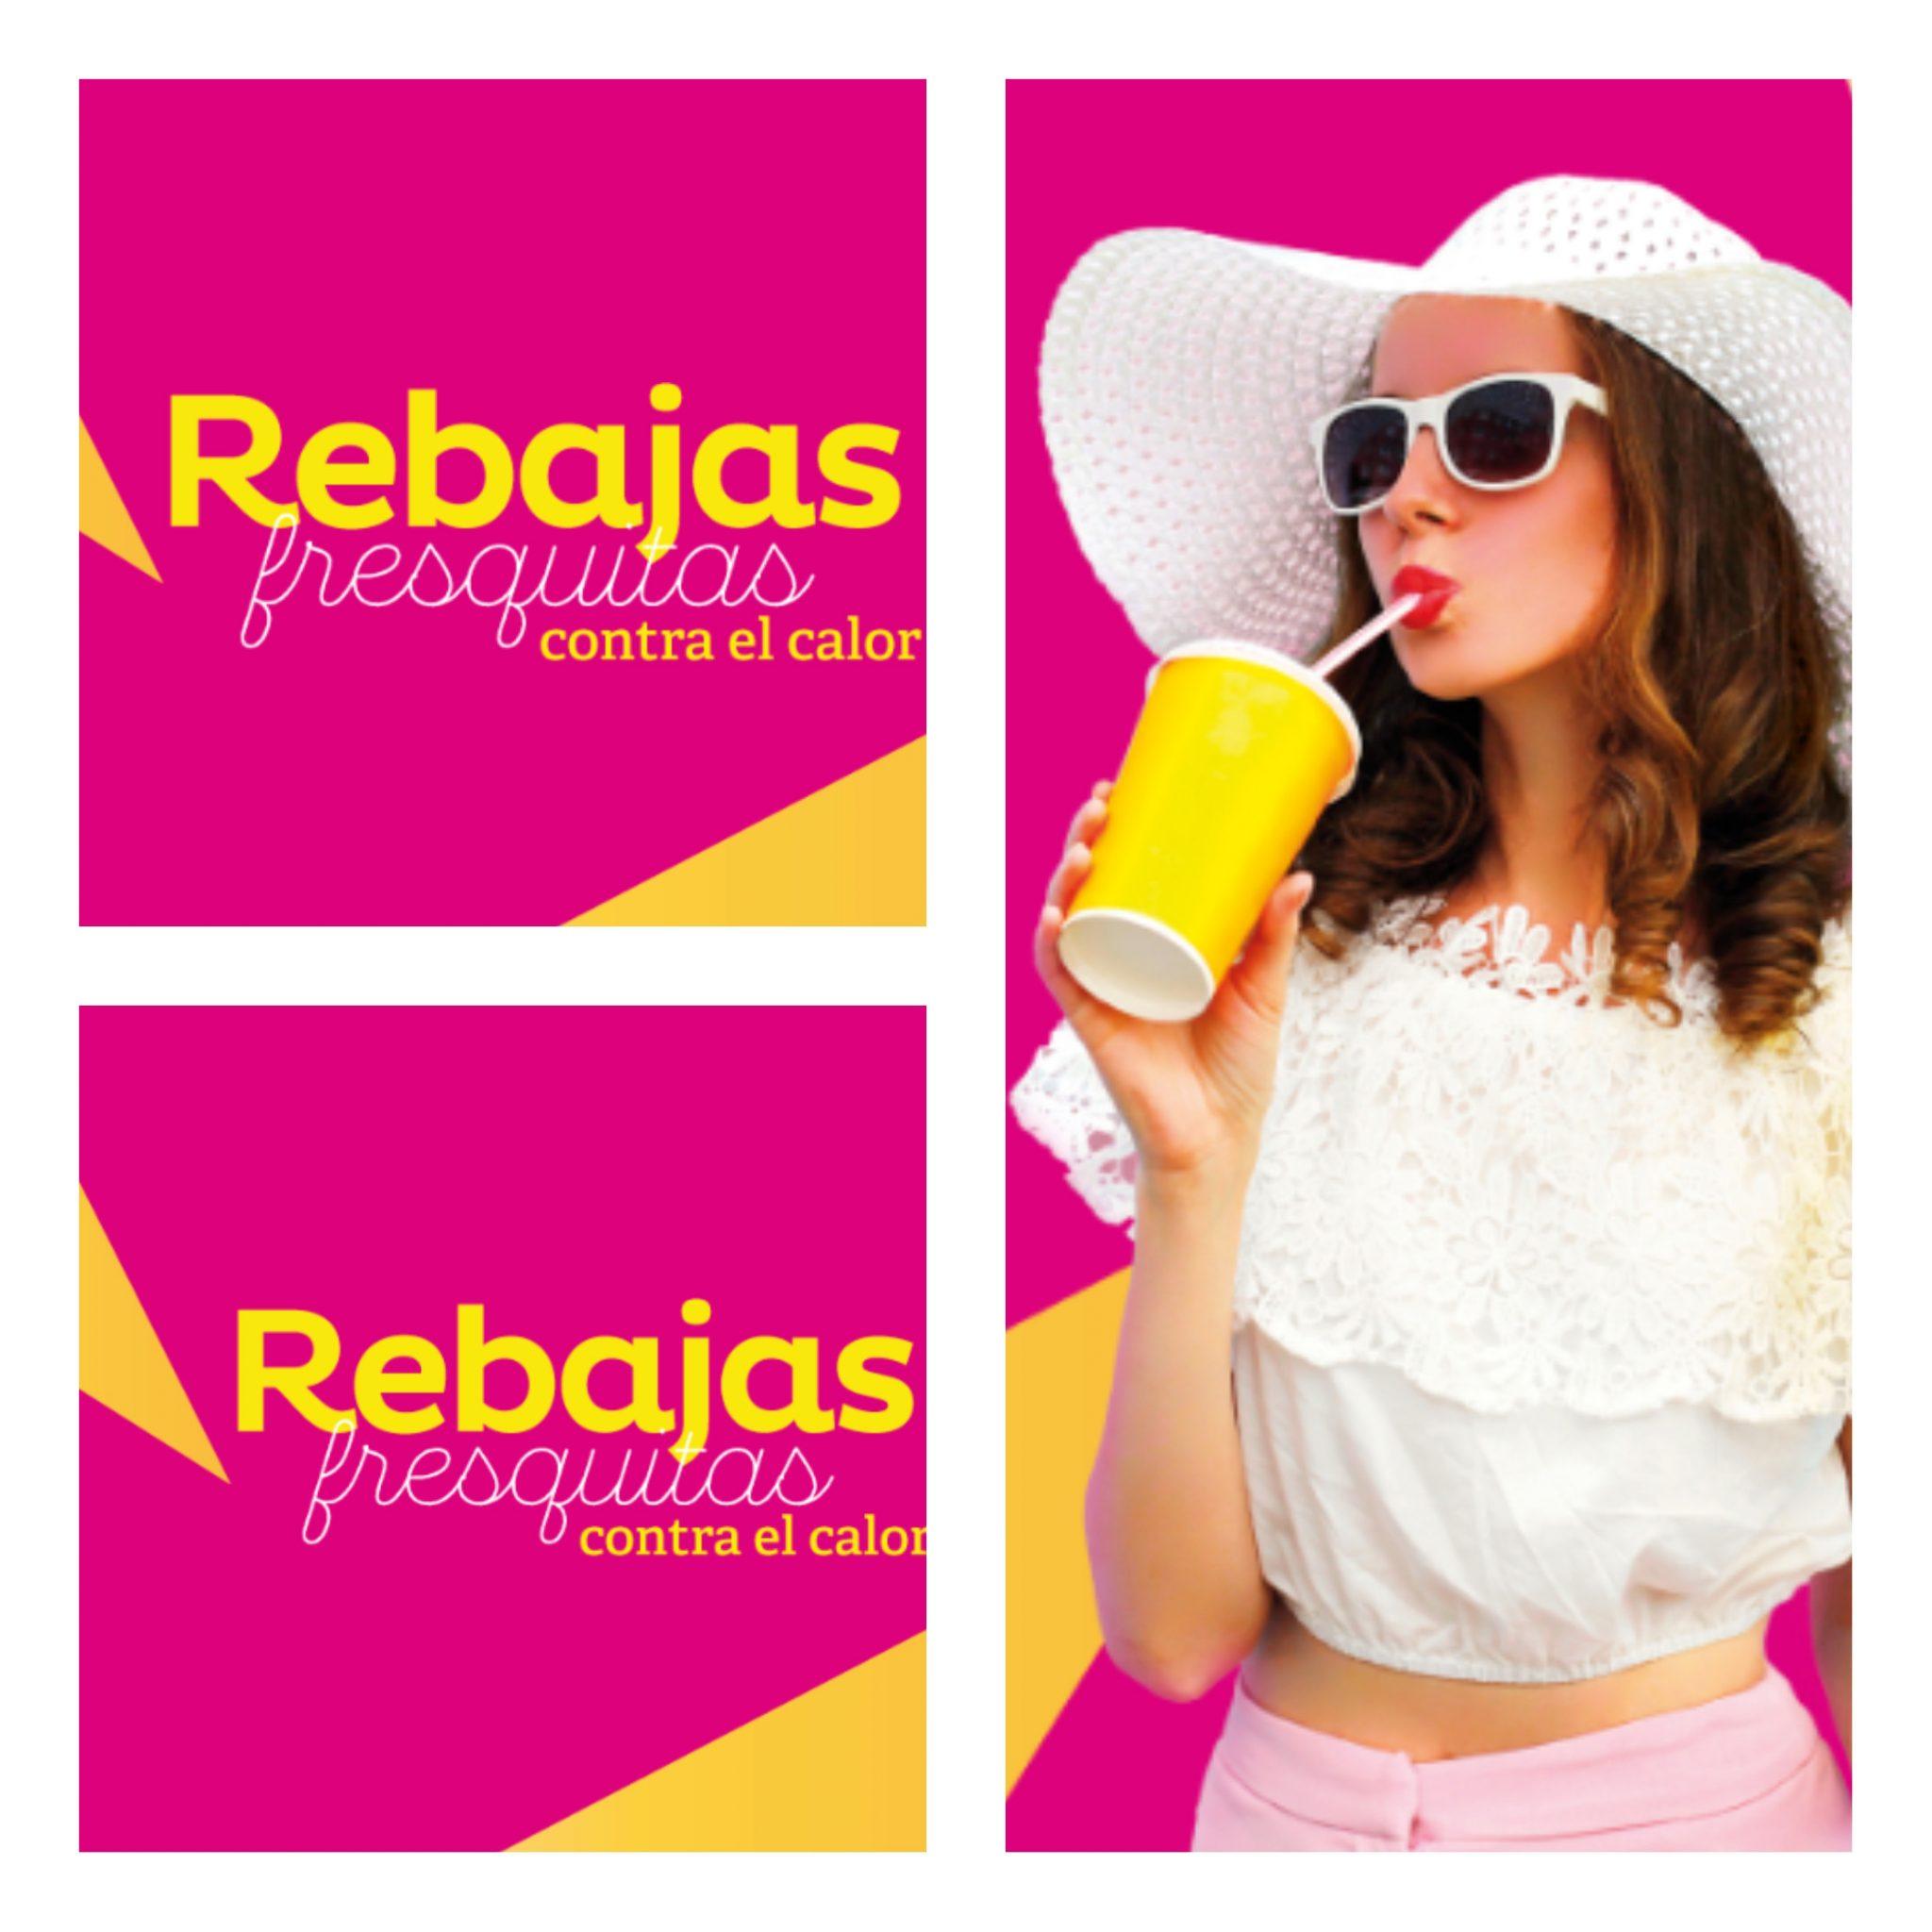 rebajas_priver_1